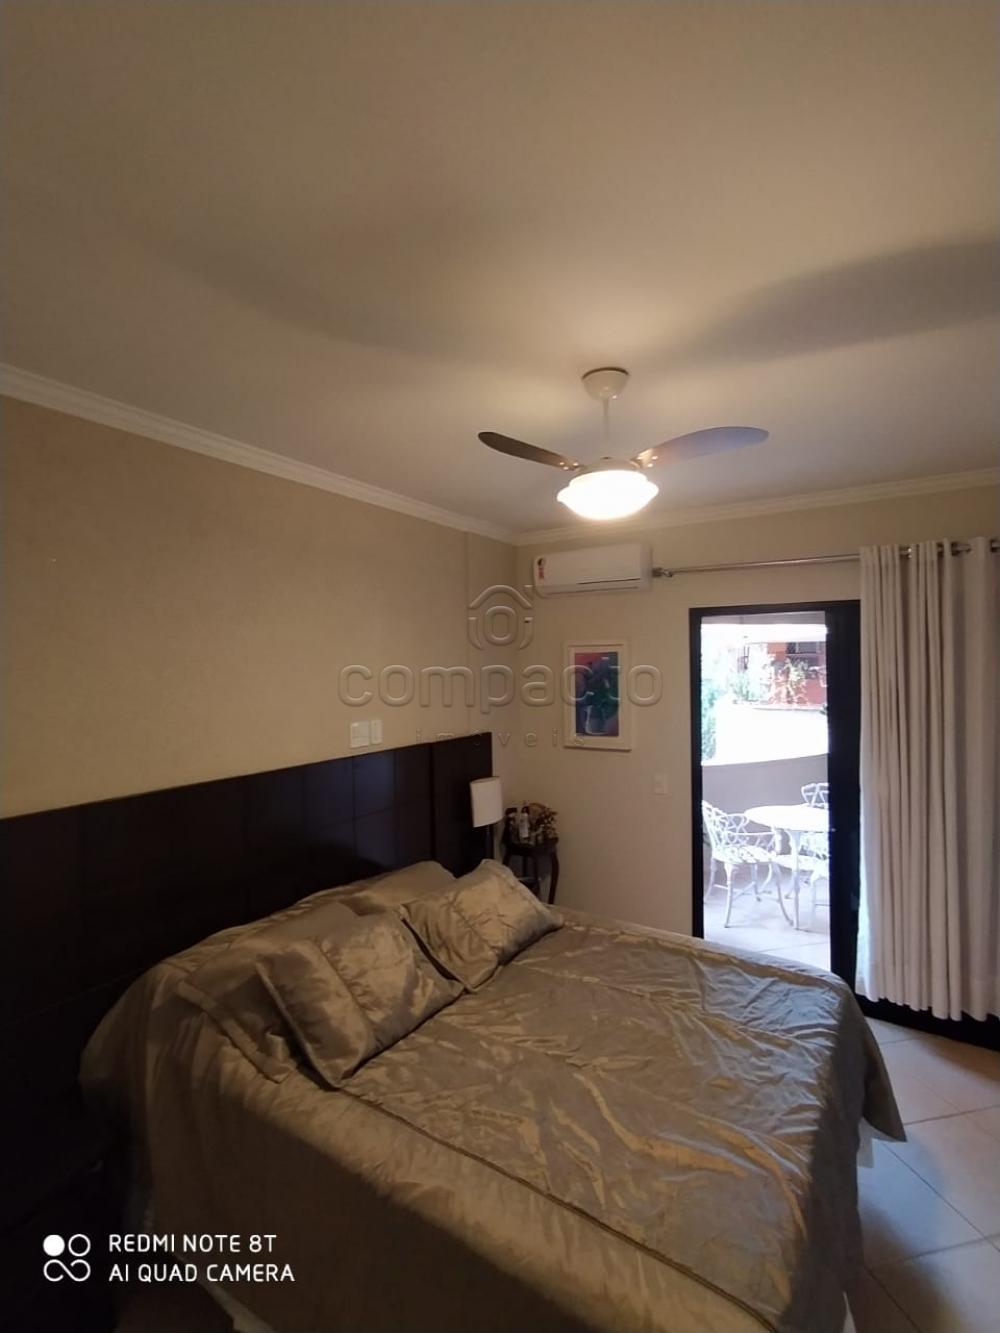 Comprar Apartamento / Padrão em São José do Rio Preto apenas R$ 615.000,00 - Foto 9